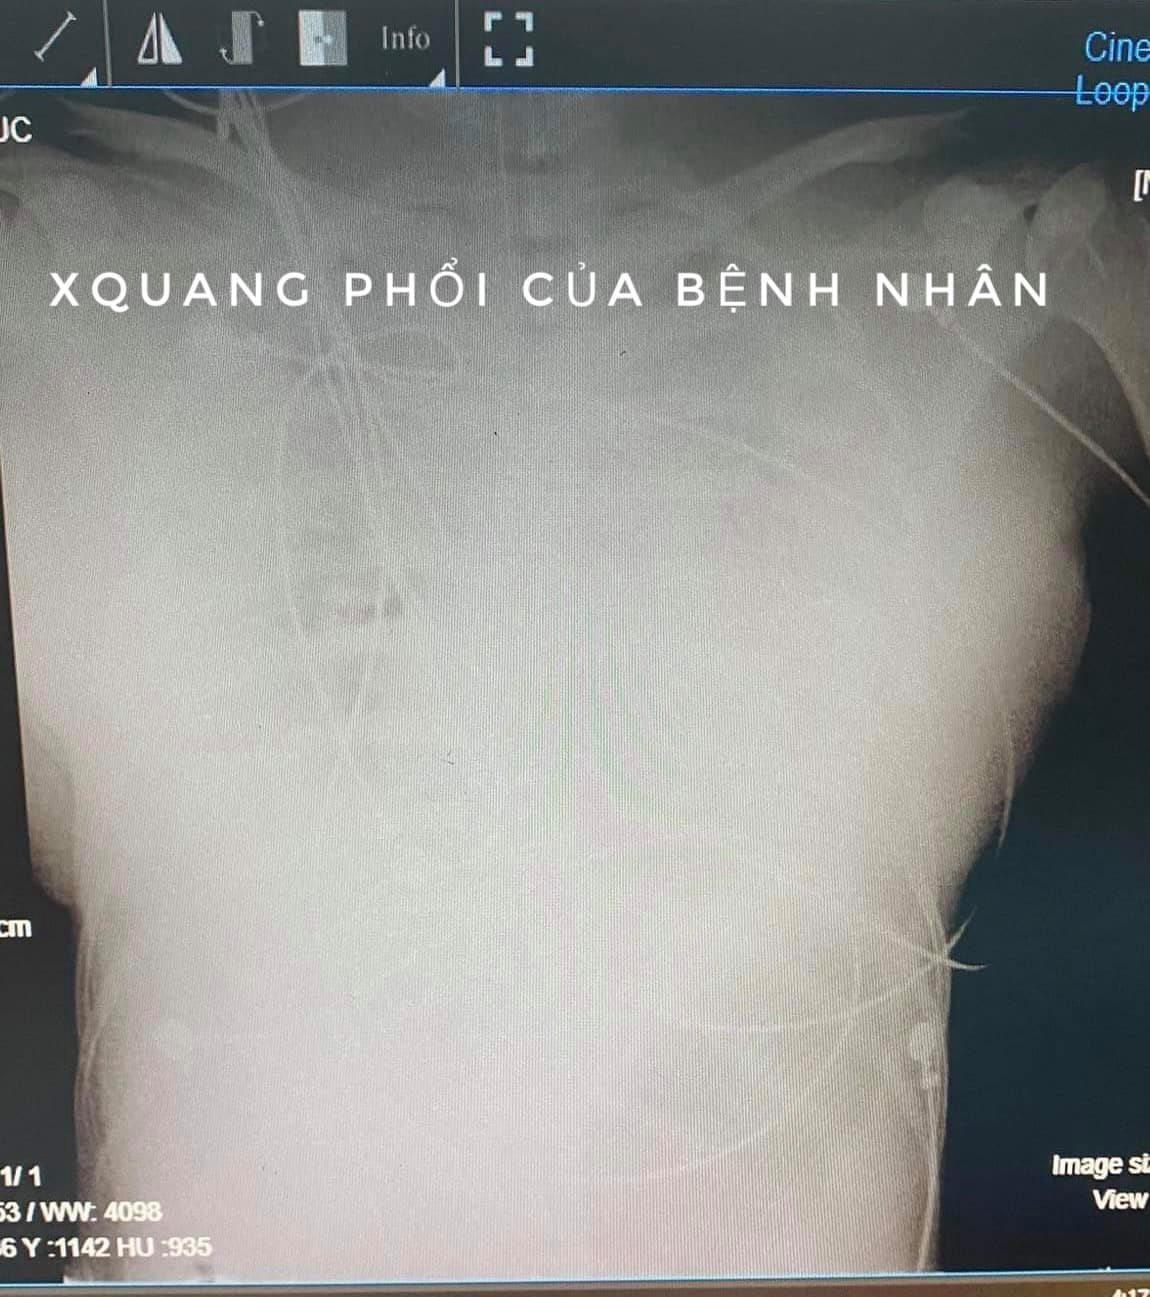 Một phụ nữ tử vong sau khi tiêm chất làm đầy nâng ngực tại nhà